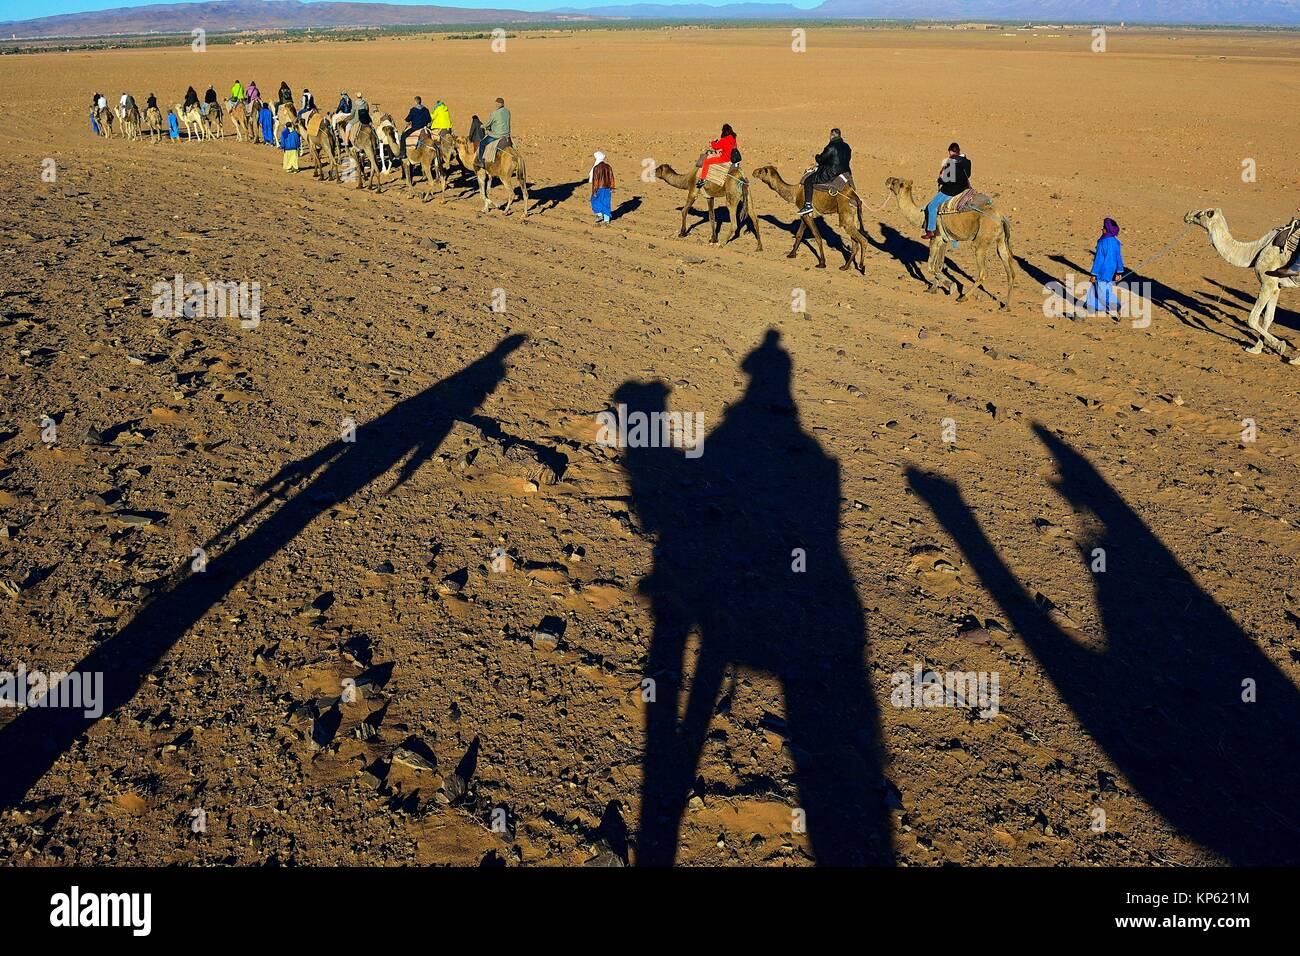 Tourisme dans le désert près de Zagora, au sud du Maroc. Photo Stock